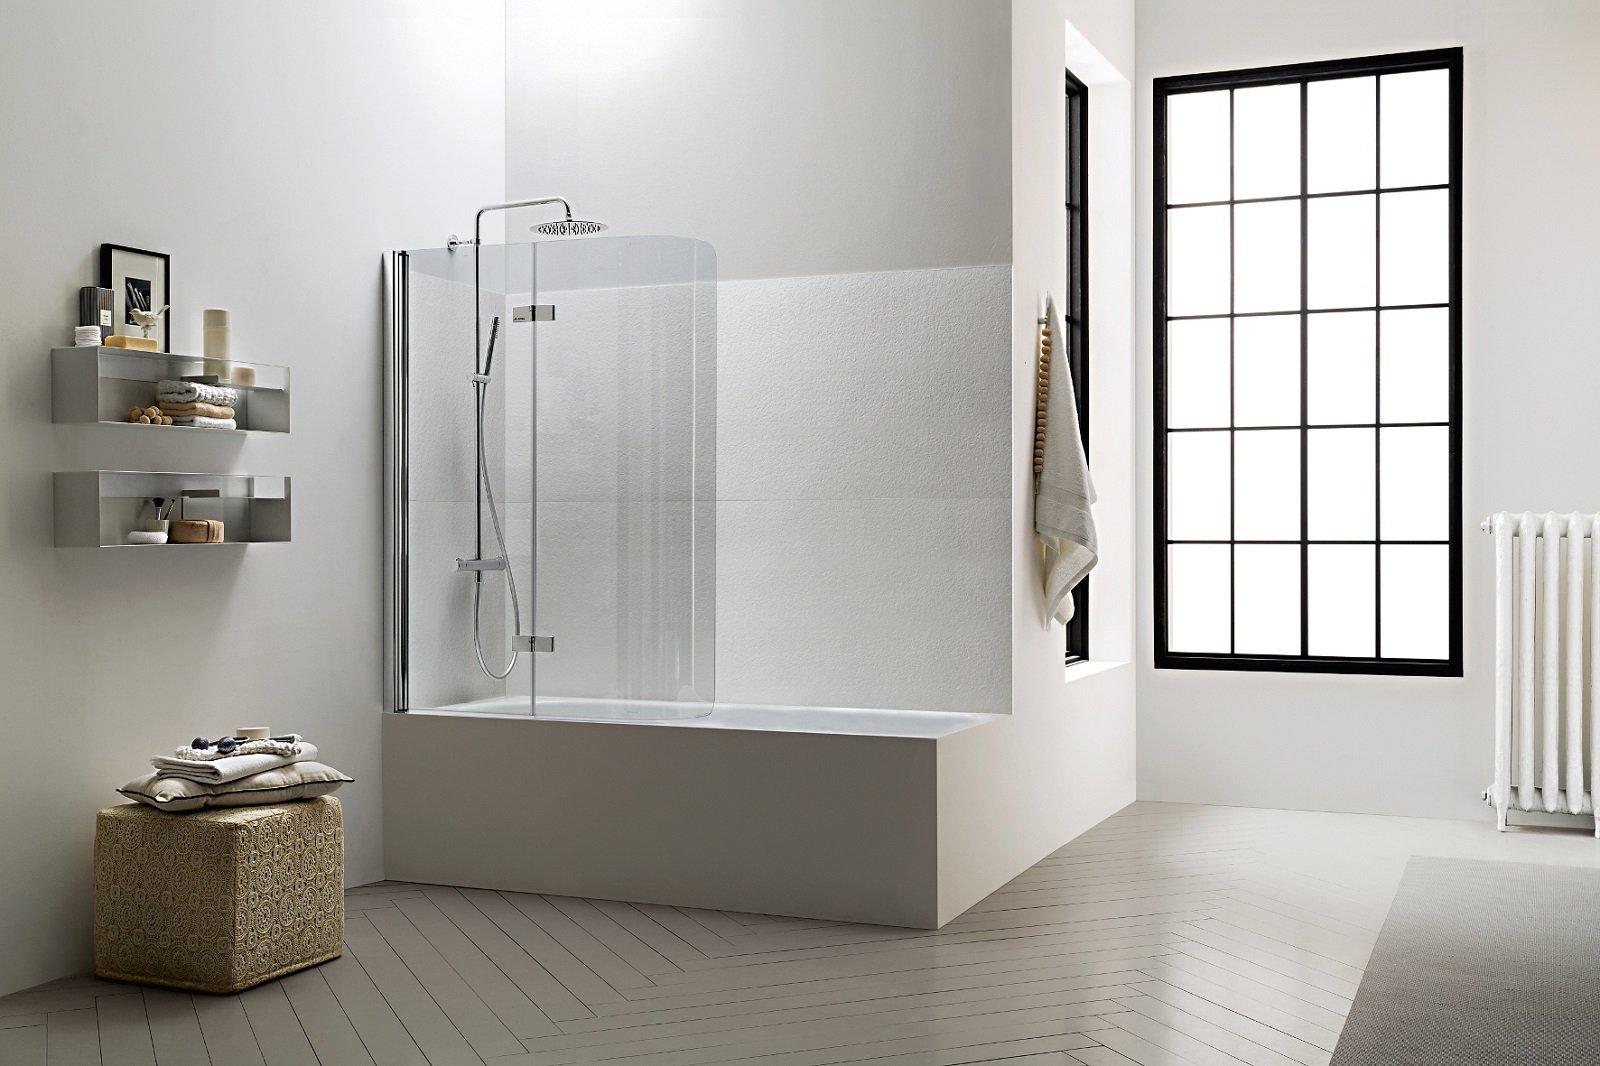 Vasca Da Bagno Doppia Prezzi : Nei bagni di piccole dimensioni la vasca diventa multifunzione e